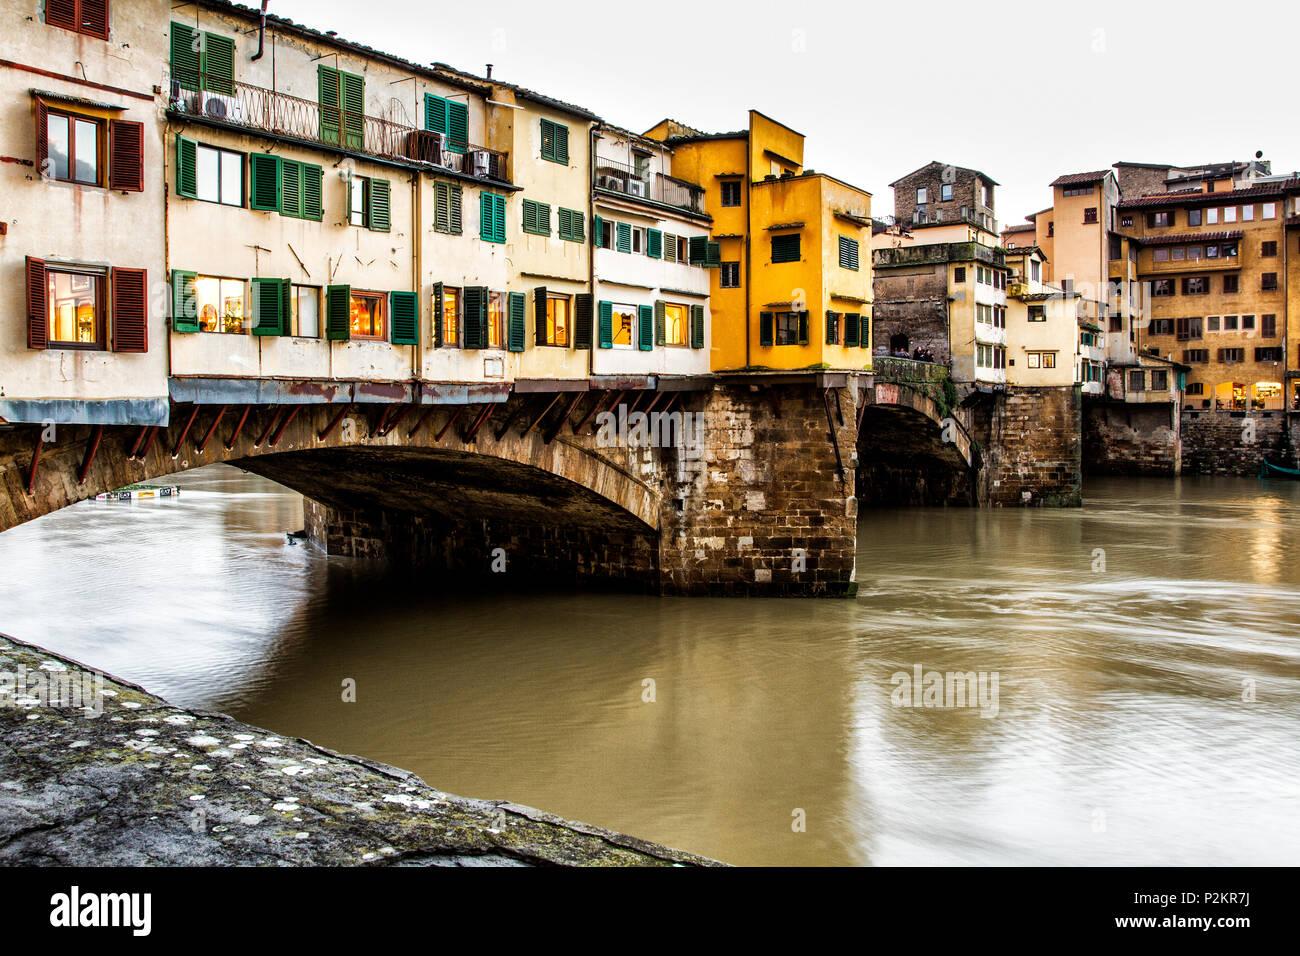 Ponte Vecchio (Puente Viejo). Florencia, Provincia de Florencia, Italia. Imagen De Stock